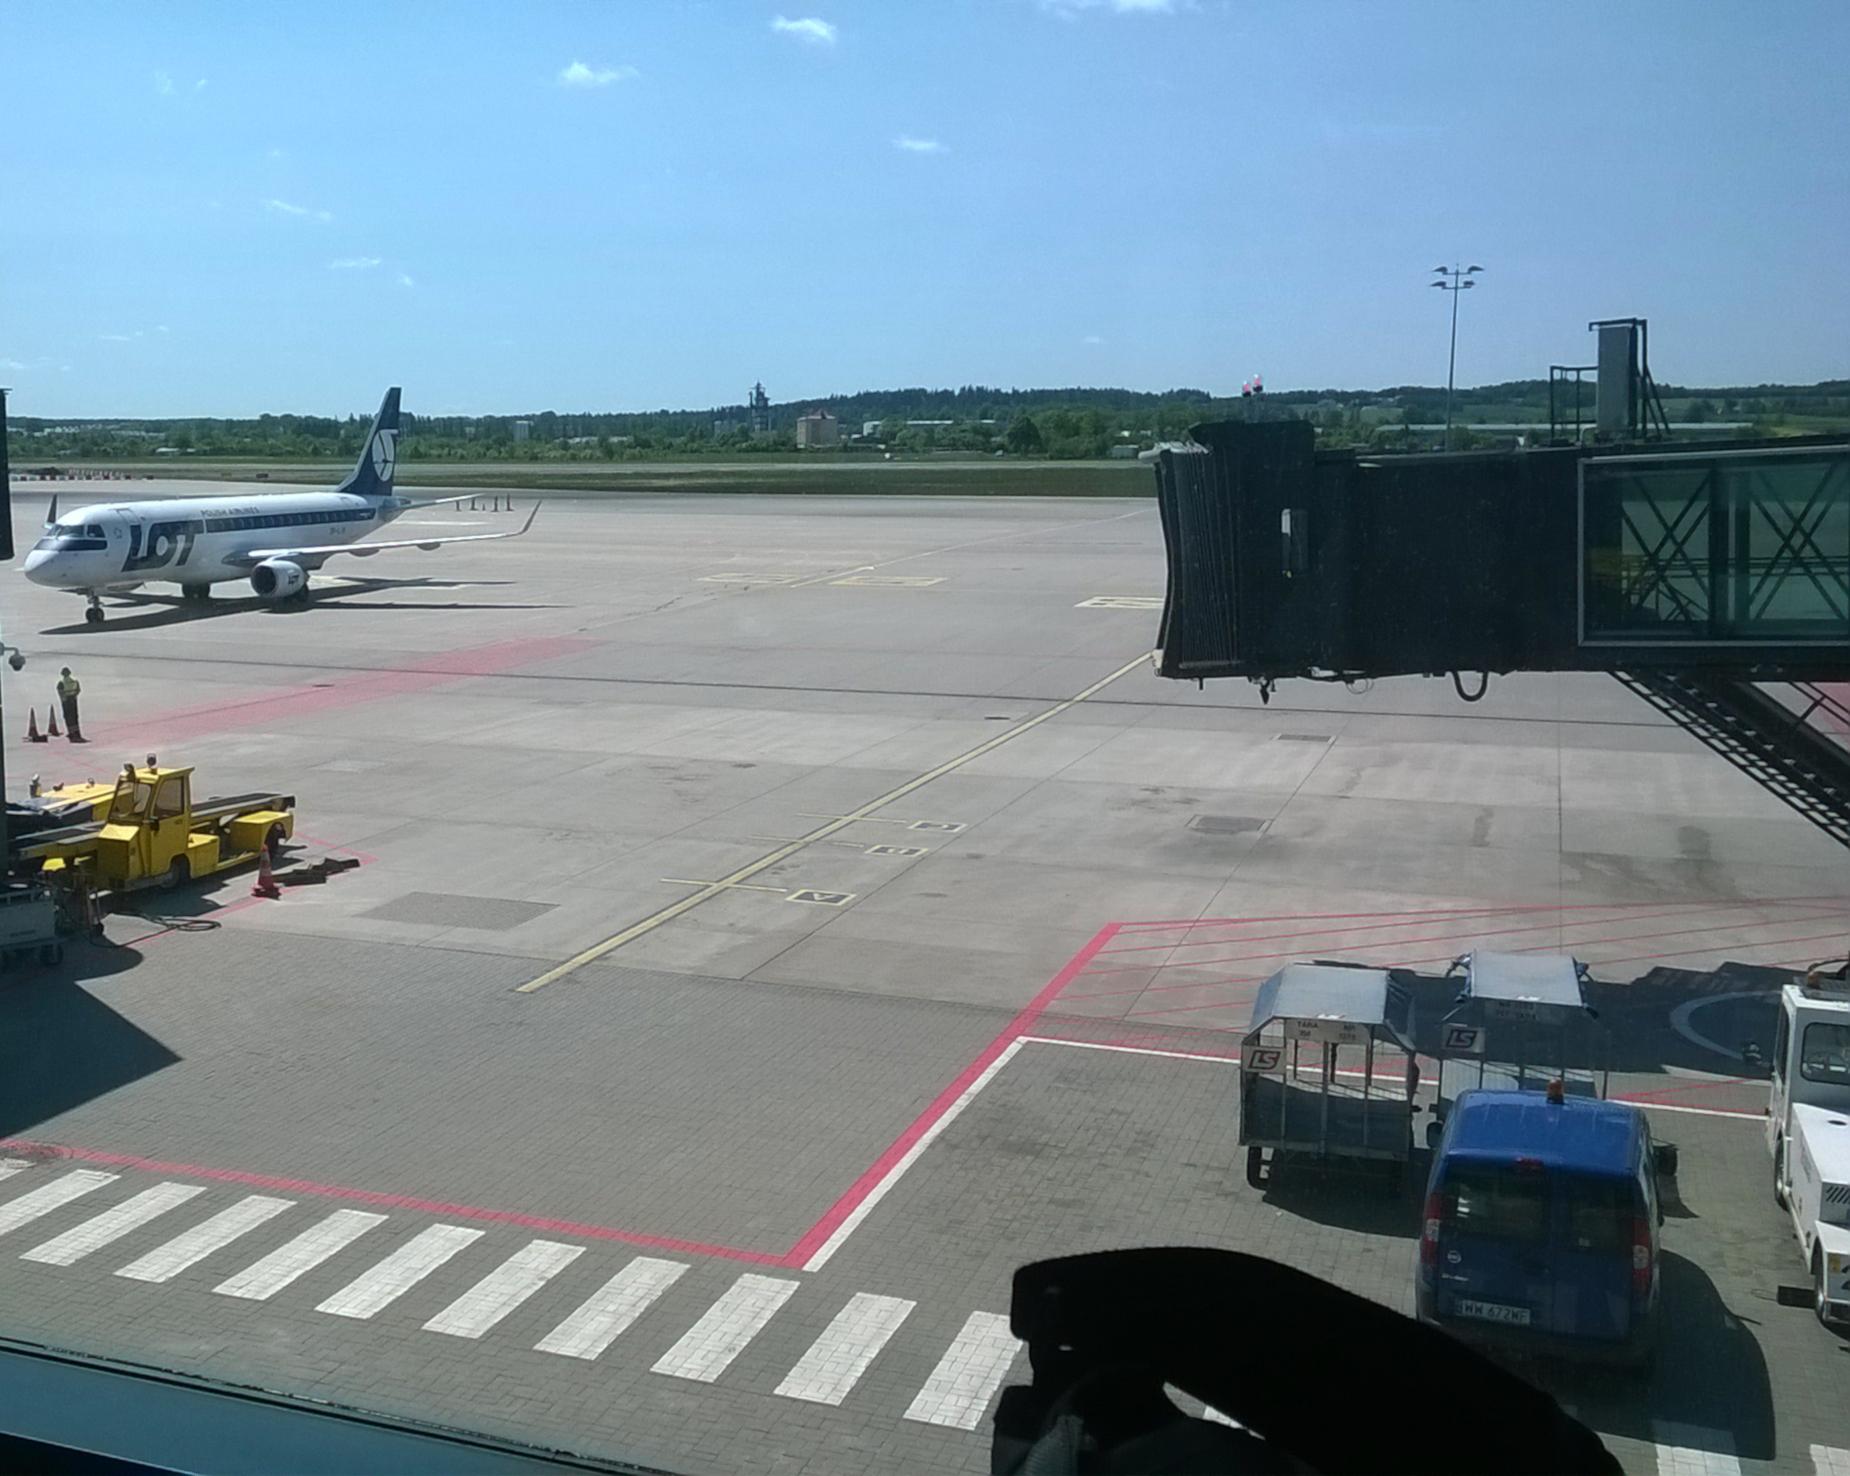 Dobra wiadomość z lotniska. 1 czerwca z Gdańska wystartują pierwsze samoloty do Warszawy i Krakowa